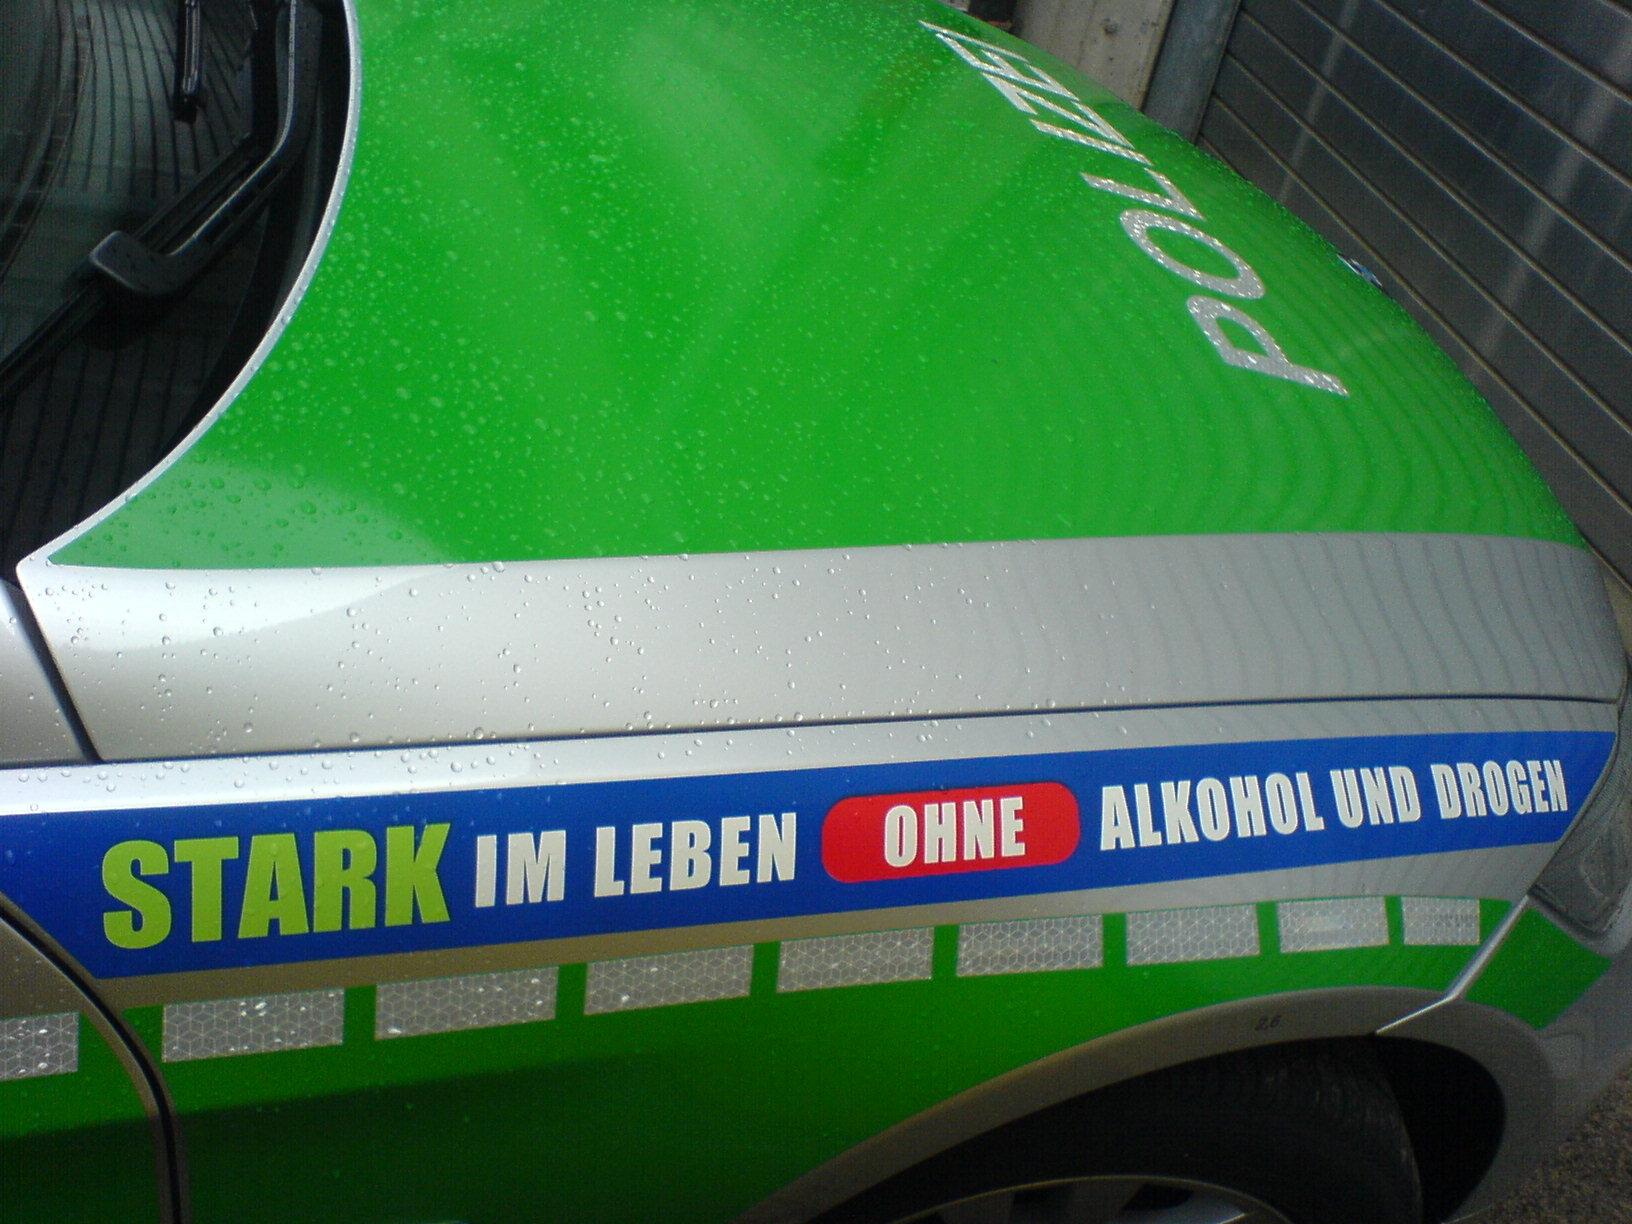 Im leben ohne alkohol und drogen auf einem einsatzfahrzeug der polizei